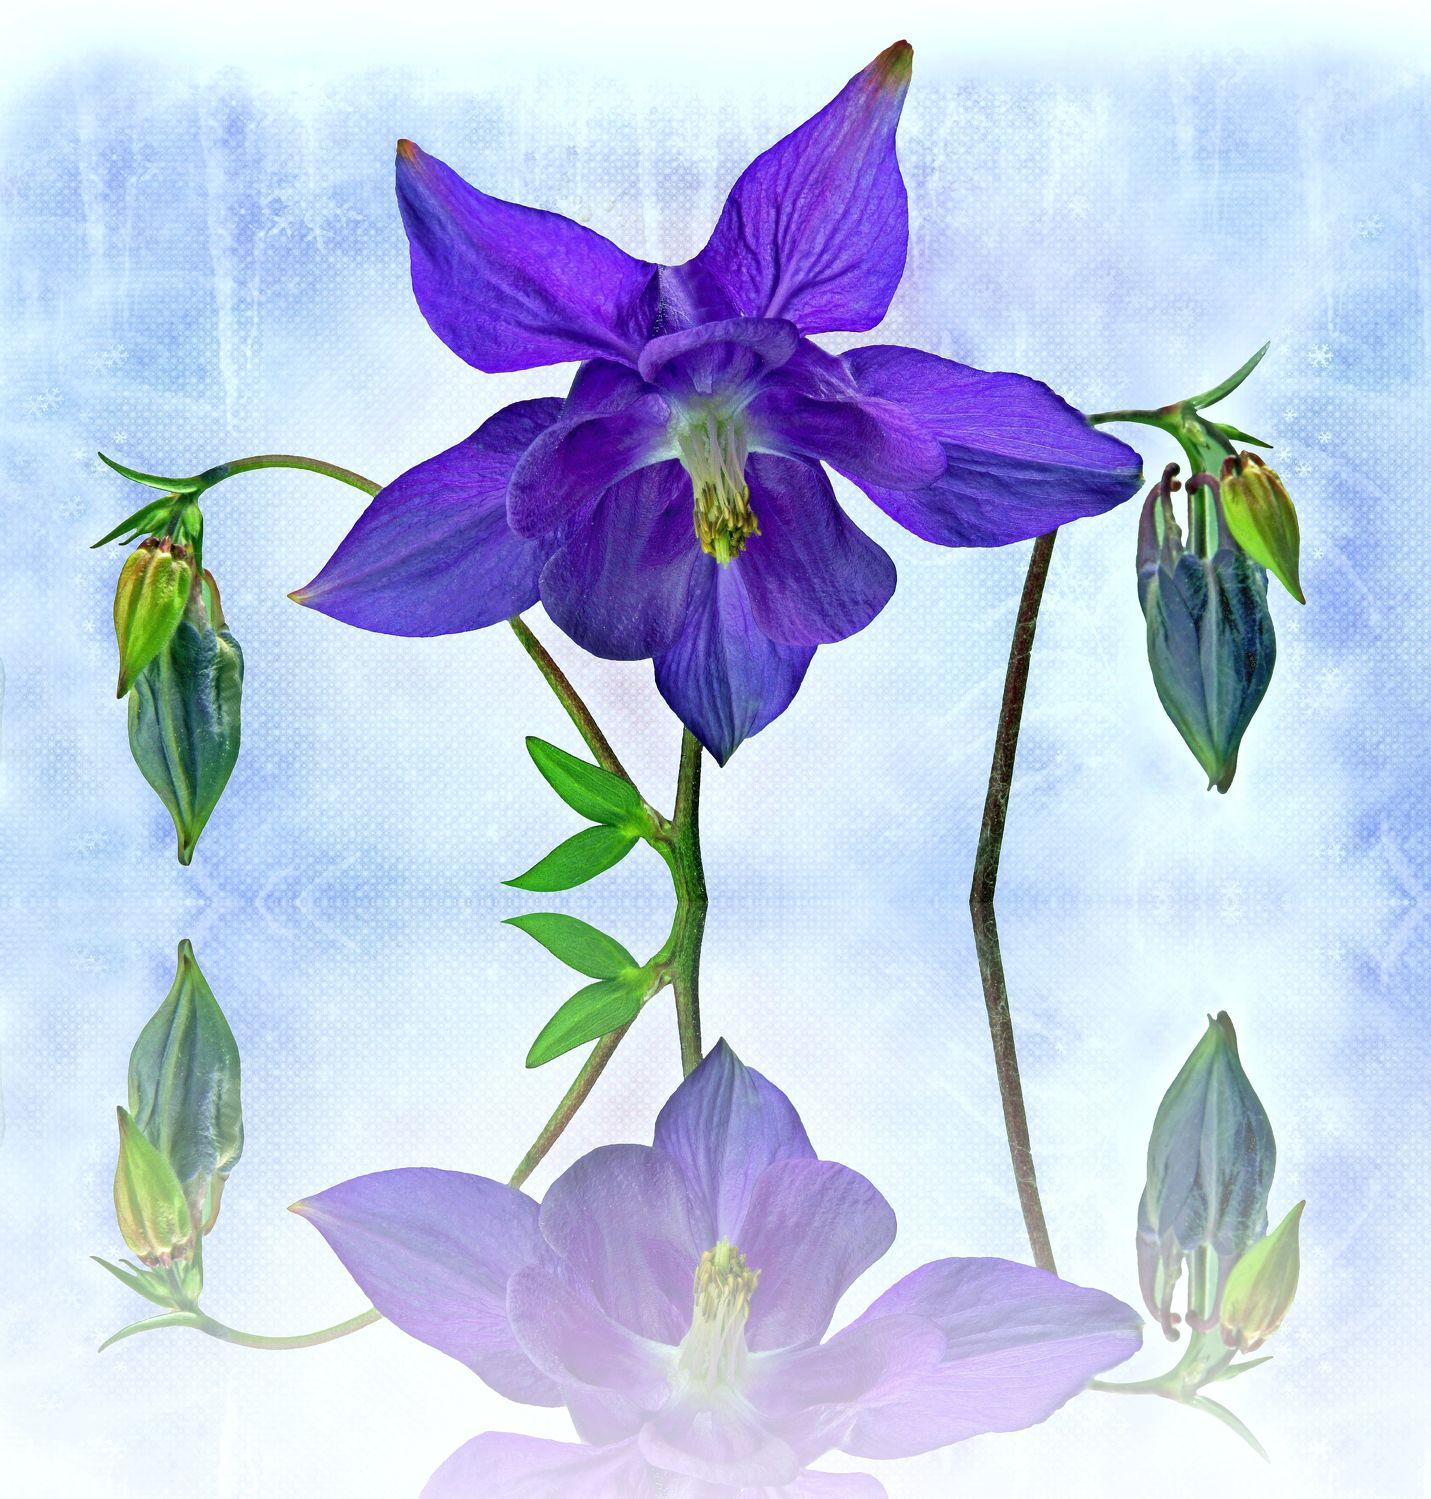 Bild mit Pflanzen, Reflexion, Blumen, Blume, Pflanze, Spiegelung, Floral, Stilleben, Blüten, Florales, Textur, blüte, Akelei